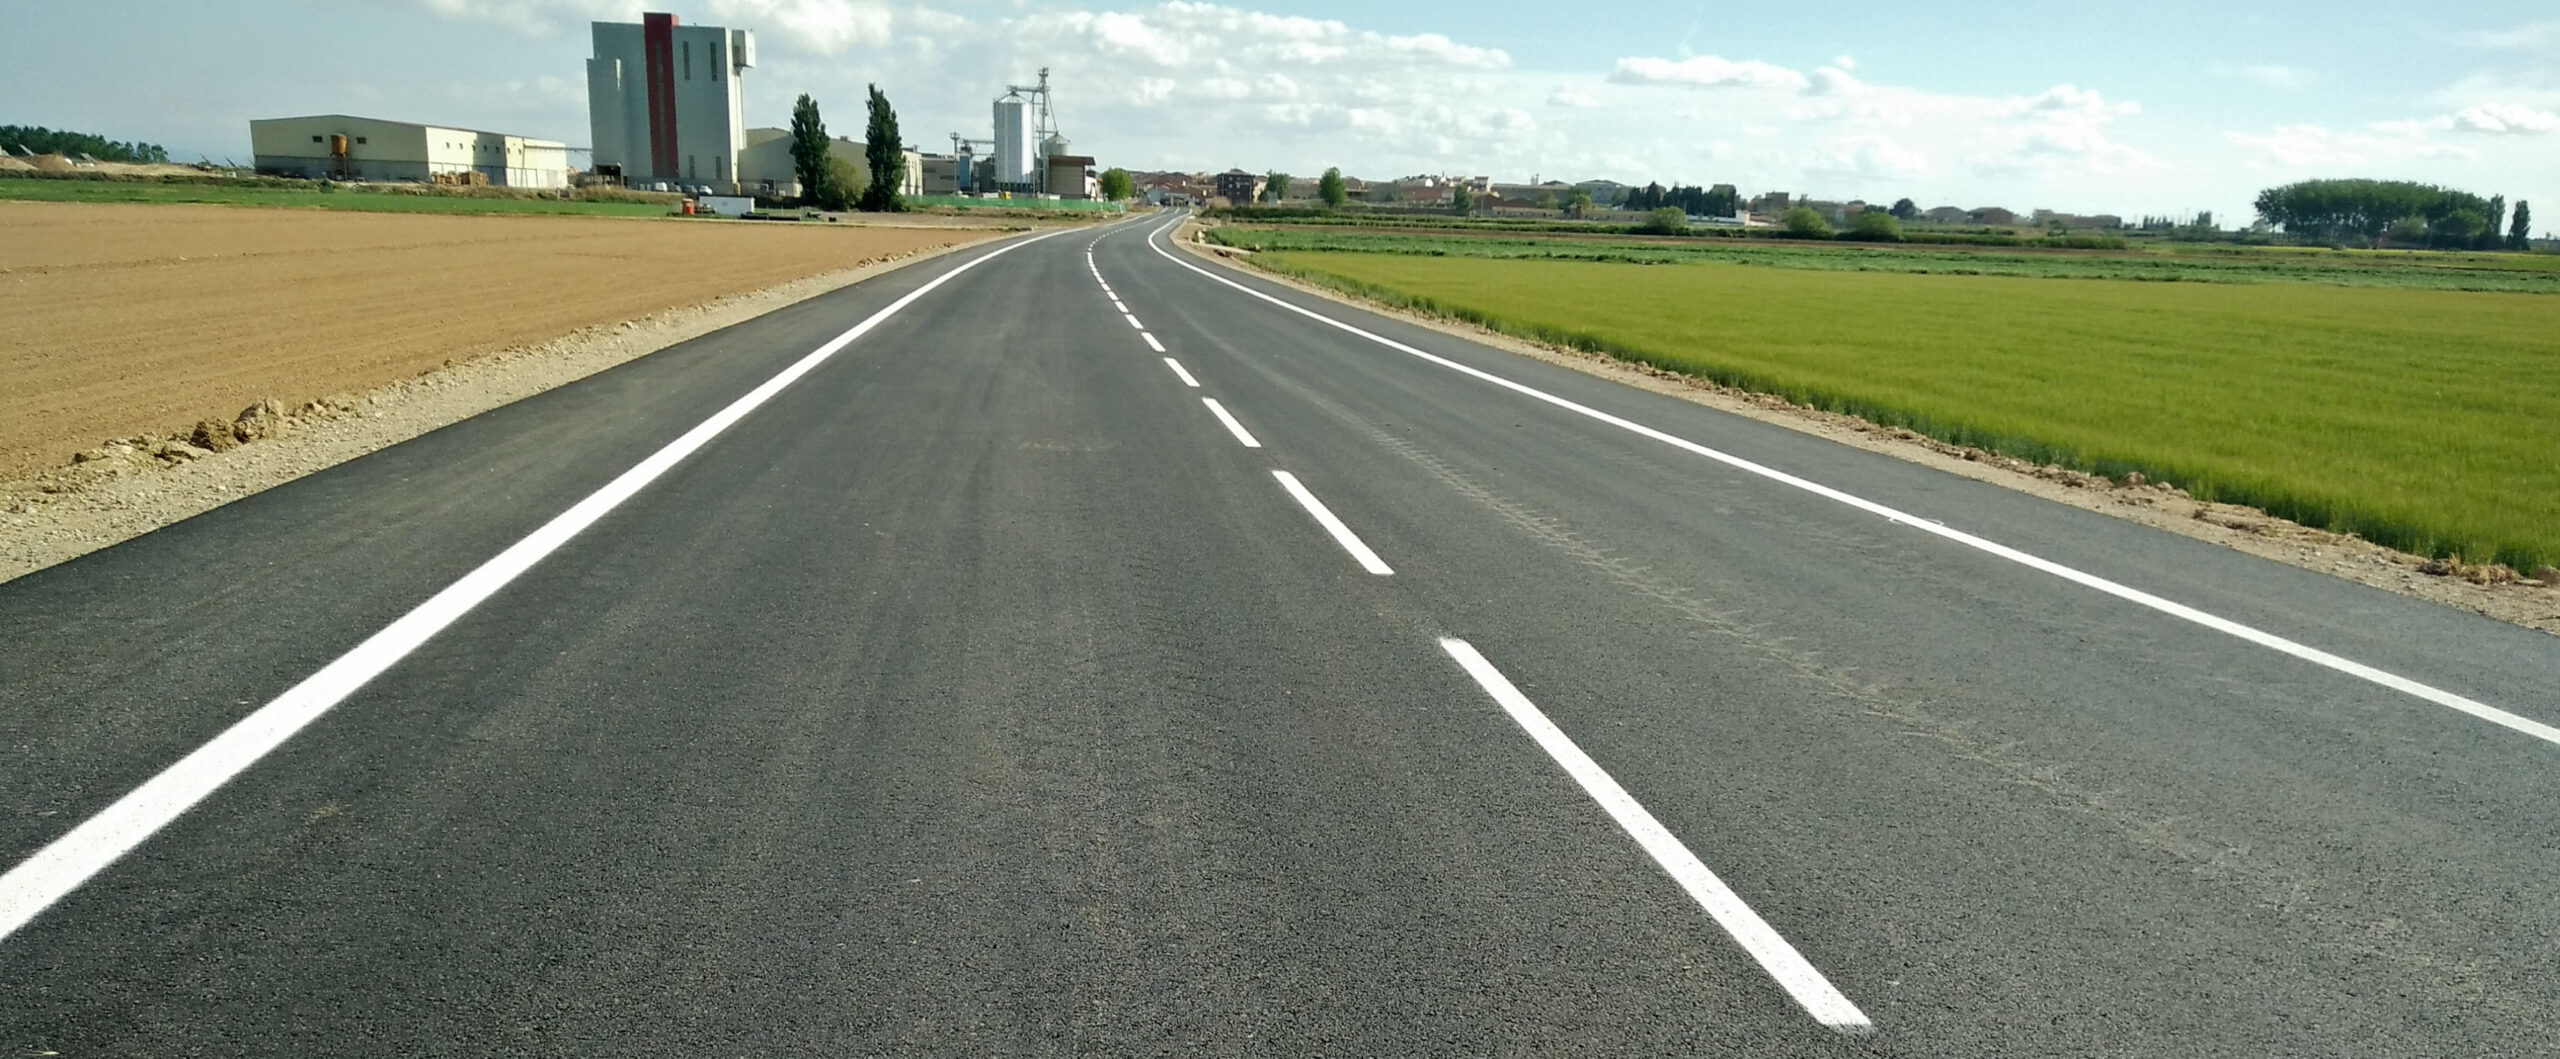 Imatge de la carretera l'LP-3322 entre Linyola i Bellcaire d'Urgell, després dels treballs de condicionament que hi ha dut a terme Territori i Sostenibilitat. Imatge del 6 de maig del 2019. (Horitzontal)